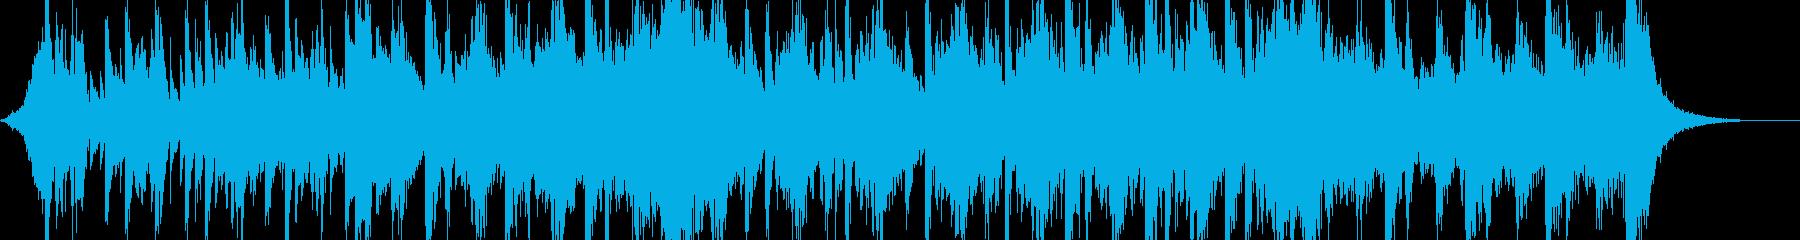 推理シーン的な楽曲。の再生済みの波形